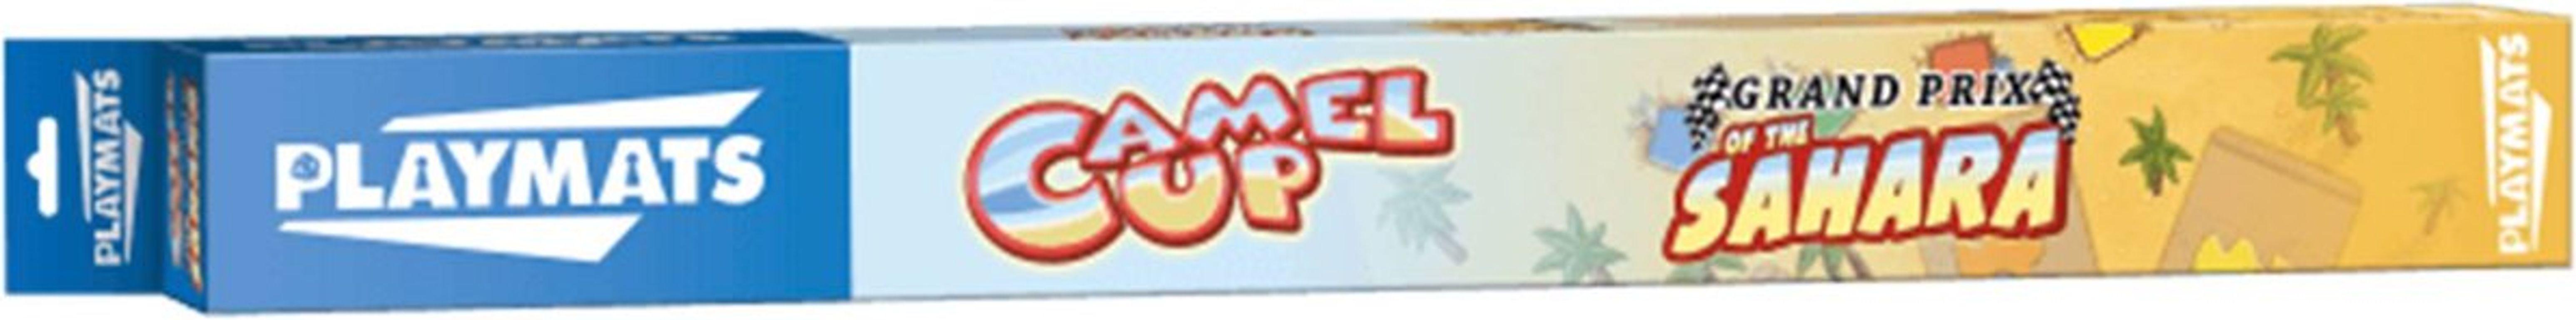 Camel Up playmat: Grandprix of the Sahara box